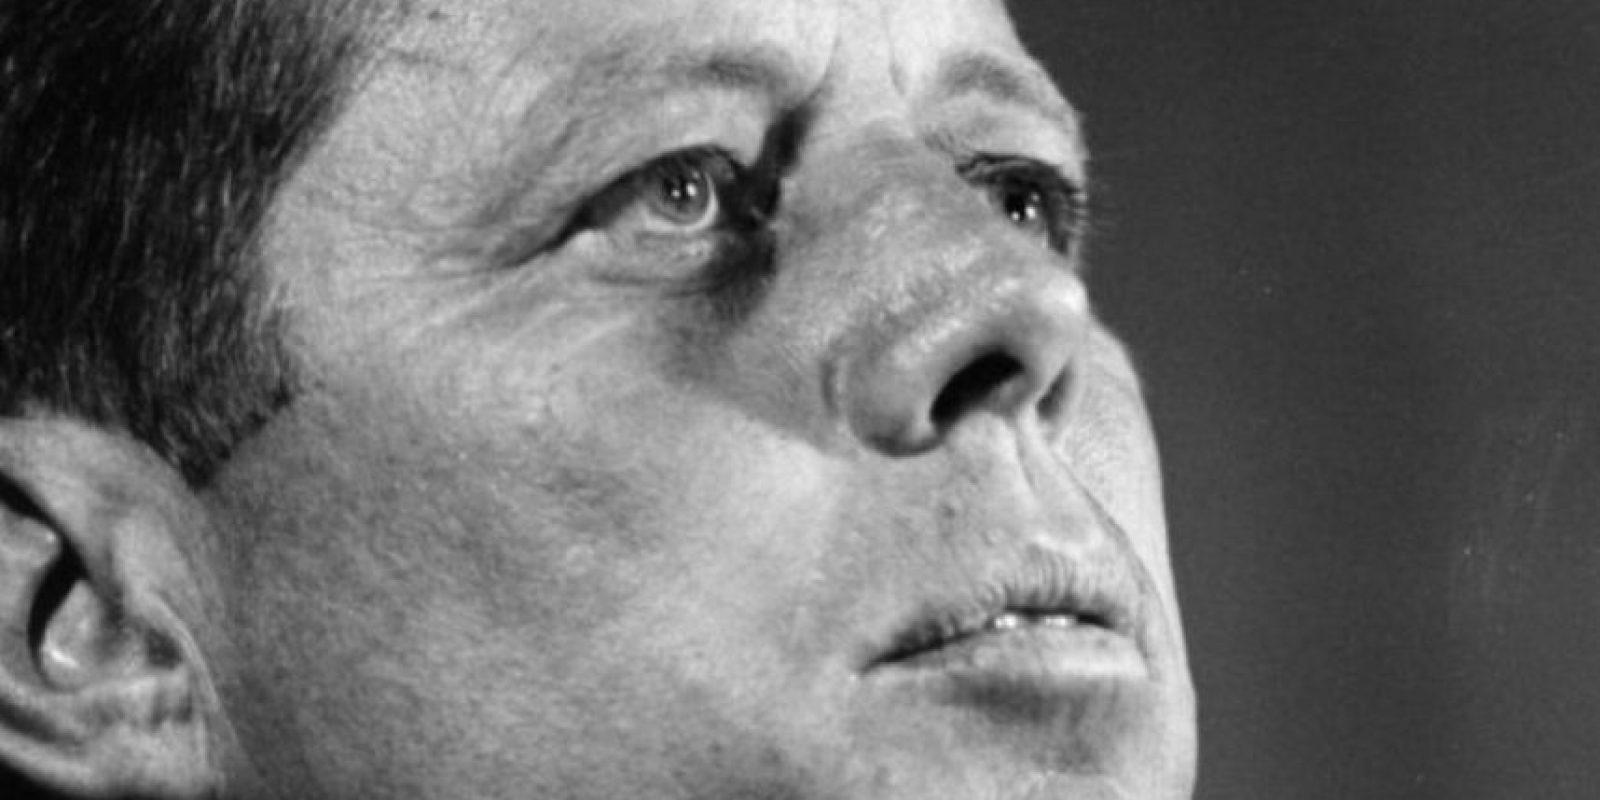 """John F. Kennedy: la historia moderna tumbó el mito de """"Camelot"""". El expresidente fue un mujeriego compulsivo y decían que tenía una completa adicción al sexo. Mimi Gelford, becaria en ese entonces de la Casa Blanca, relató en un libro cómo fue que el presidente tomó su virginidad en su cama matrimonial. Foto:Getty Images"""